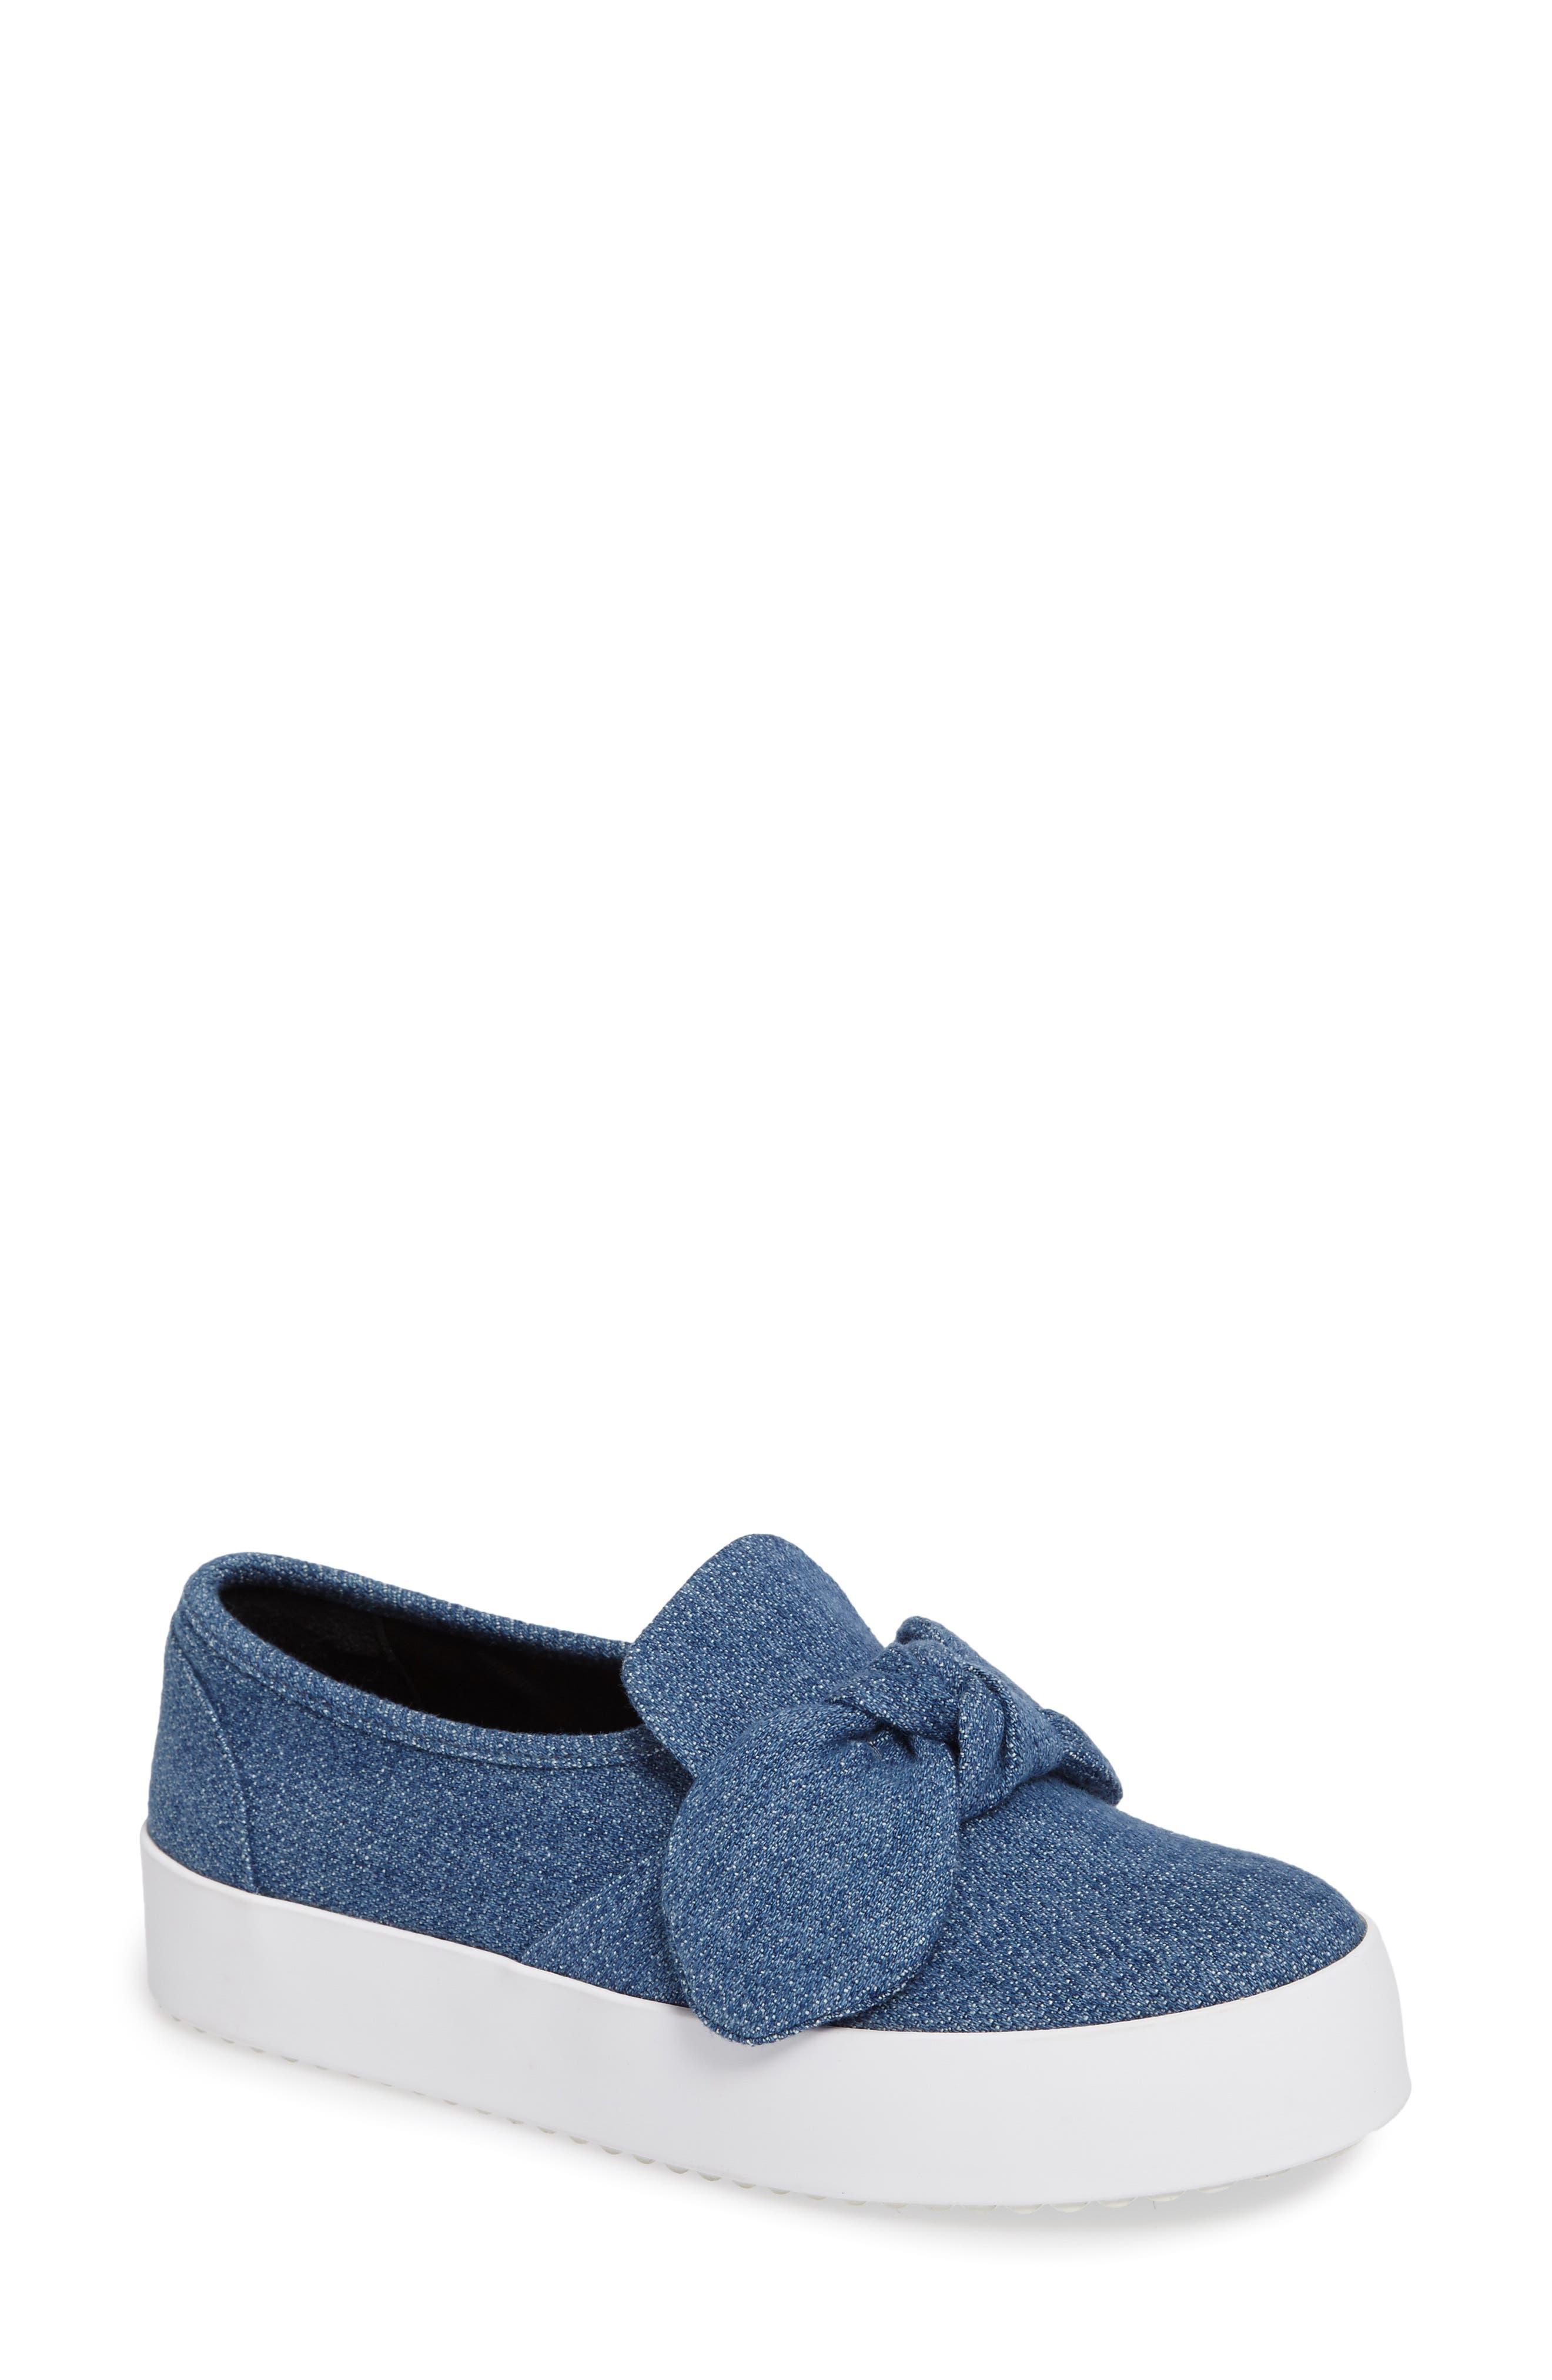 Stacey Bow Platform Sneaker,                         Main,                         color, Light Blue Denim